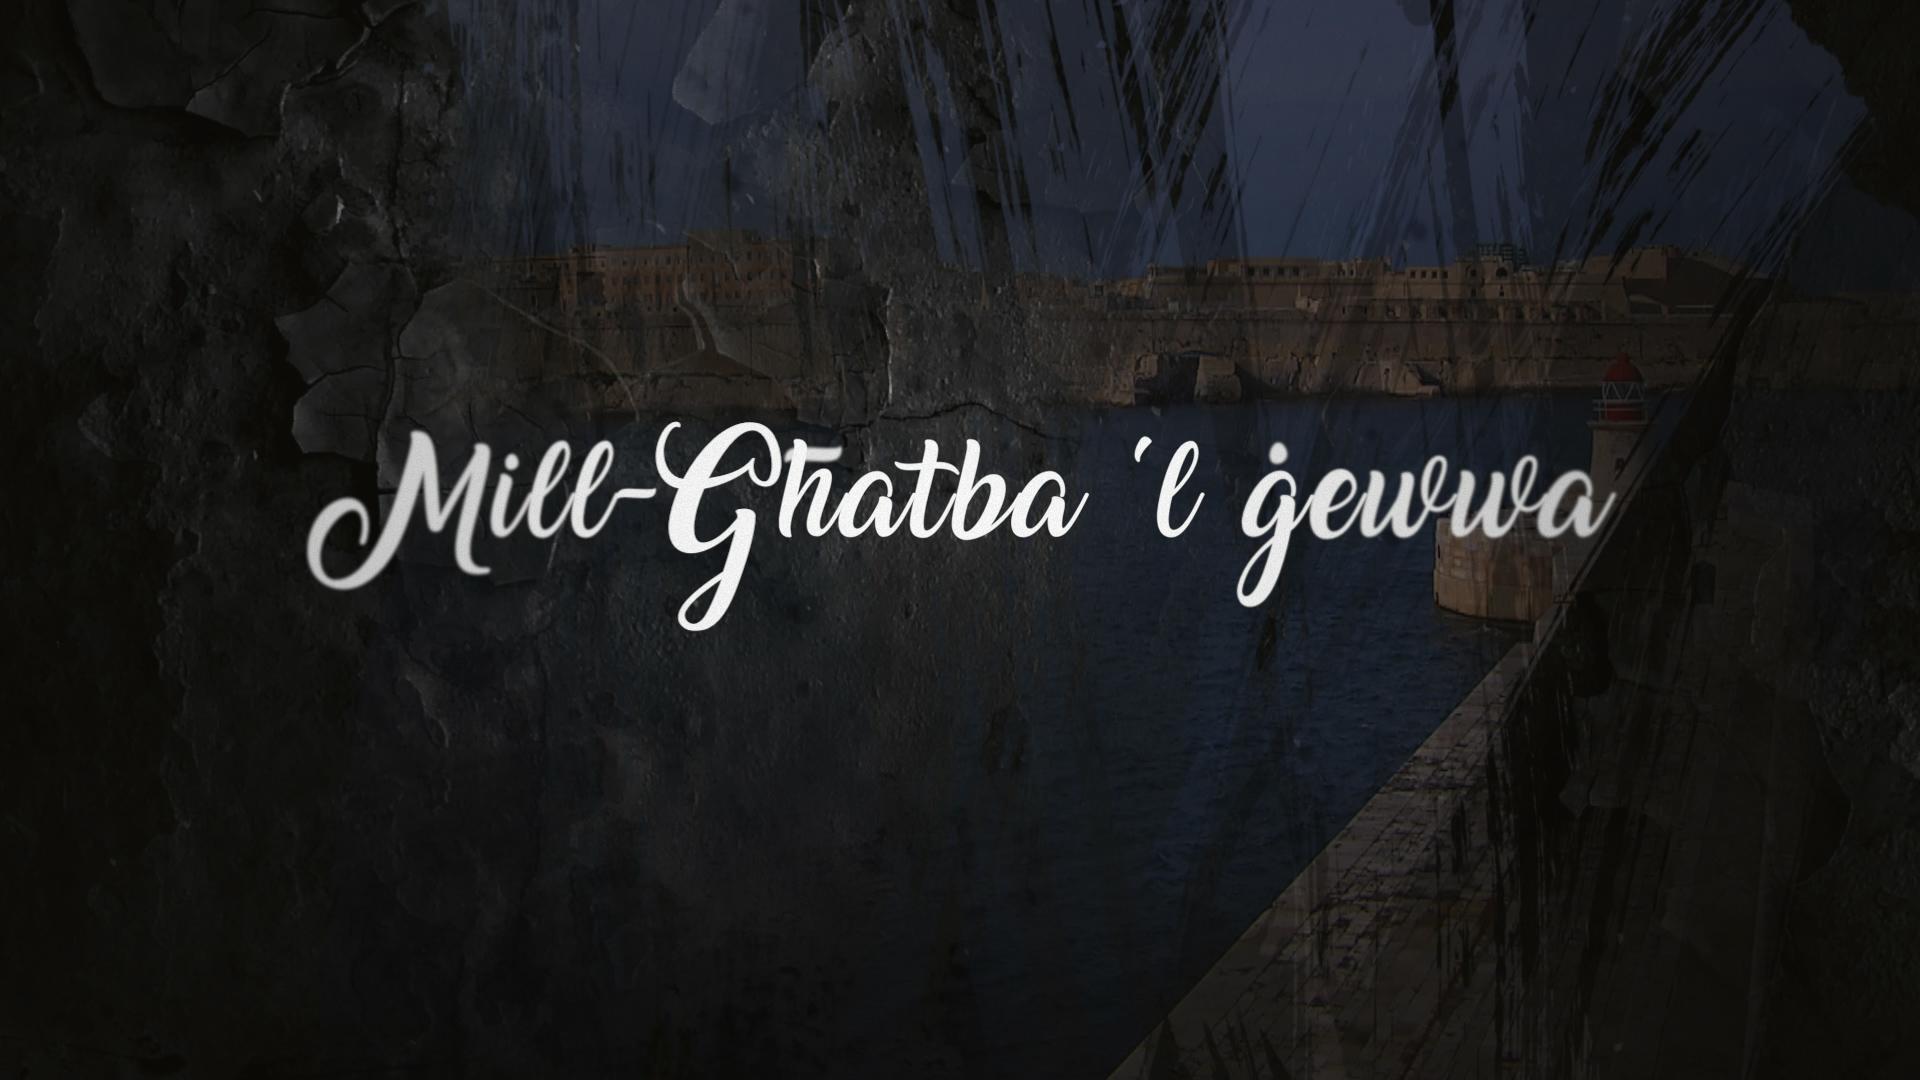 Mill-Għatba 'l Ġewwa